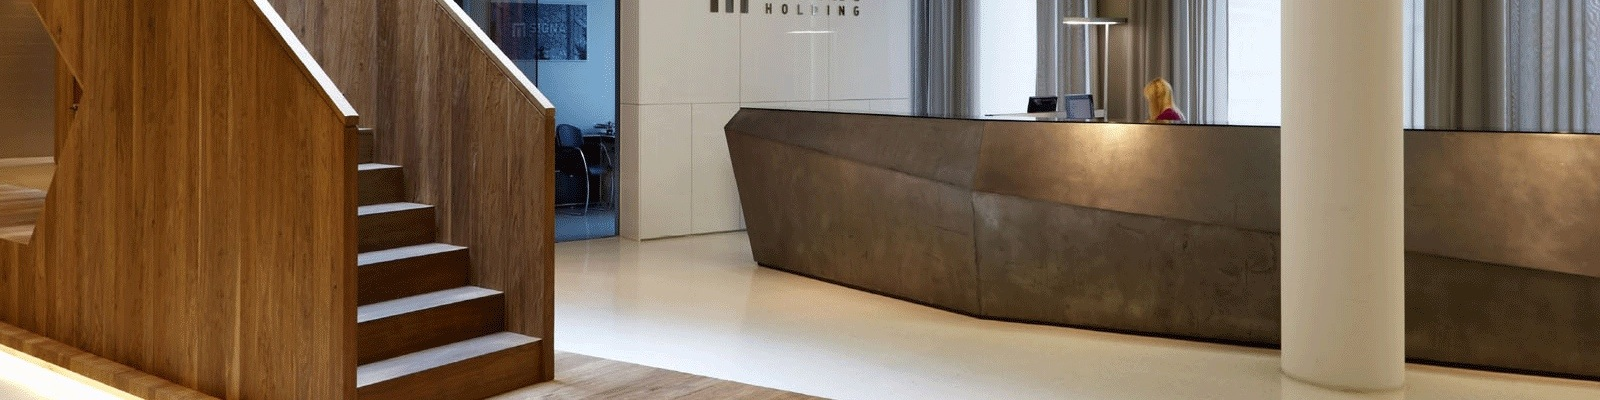 bdia bayern bdia bund deutscher innenarchitekten. Black Bedroom Furniture Sets. Home Design Ideas